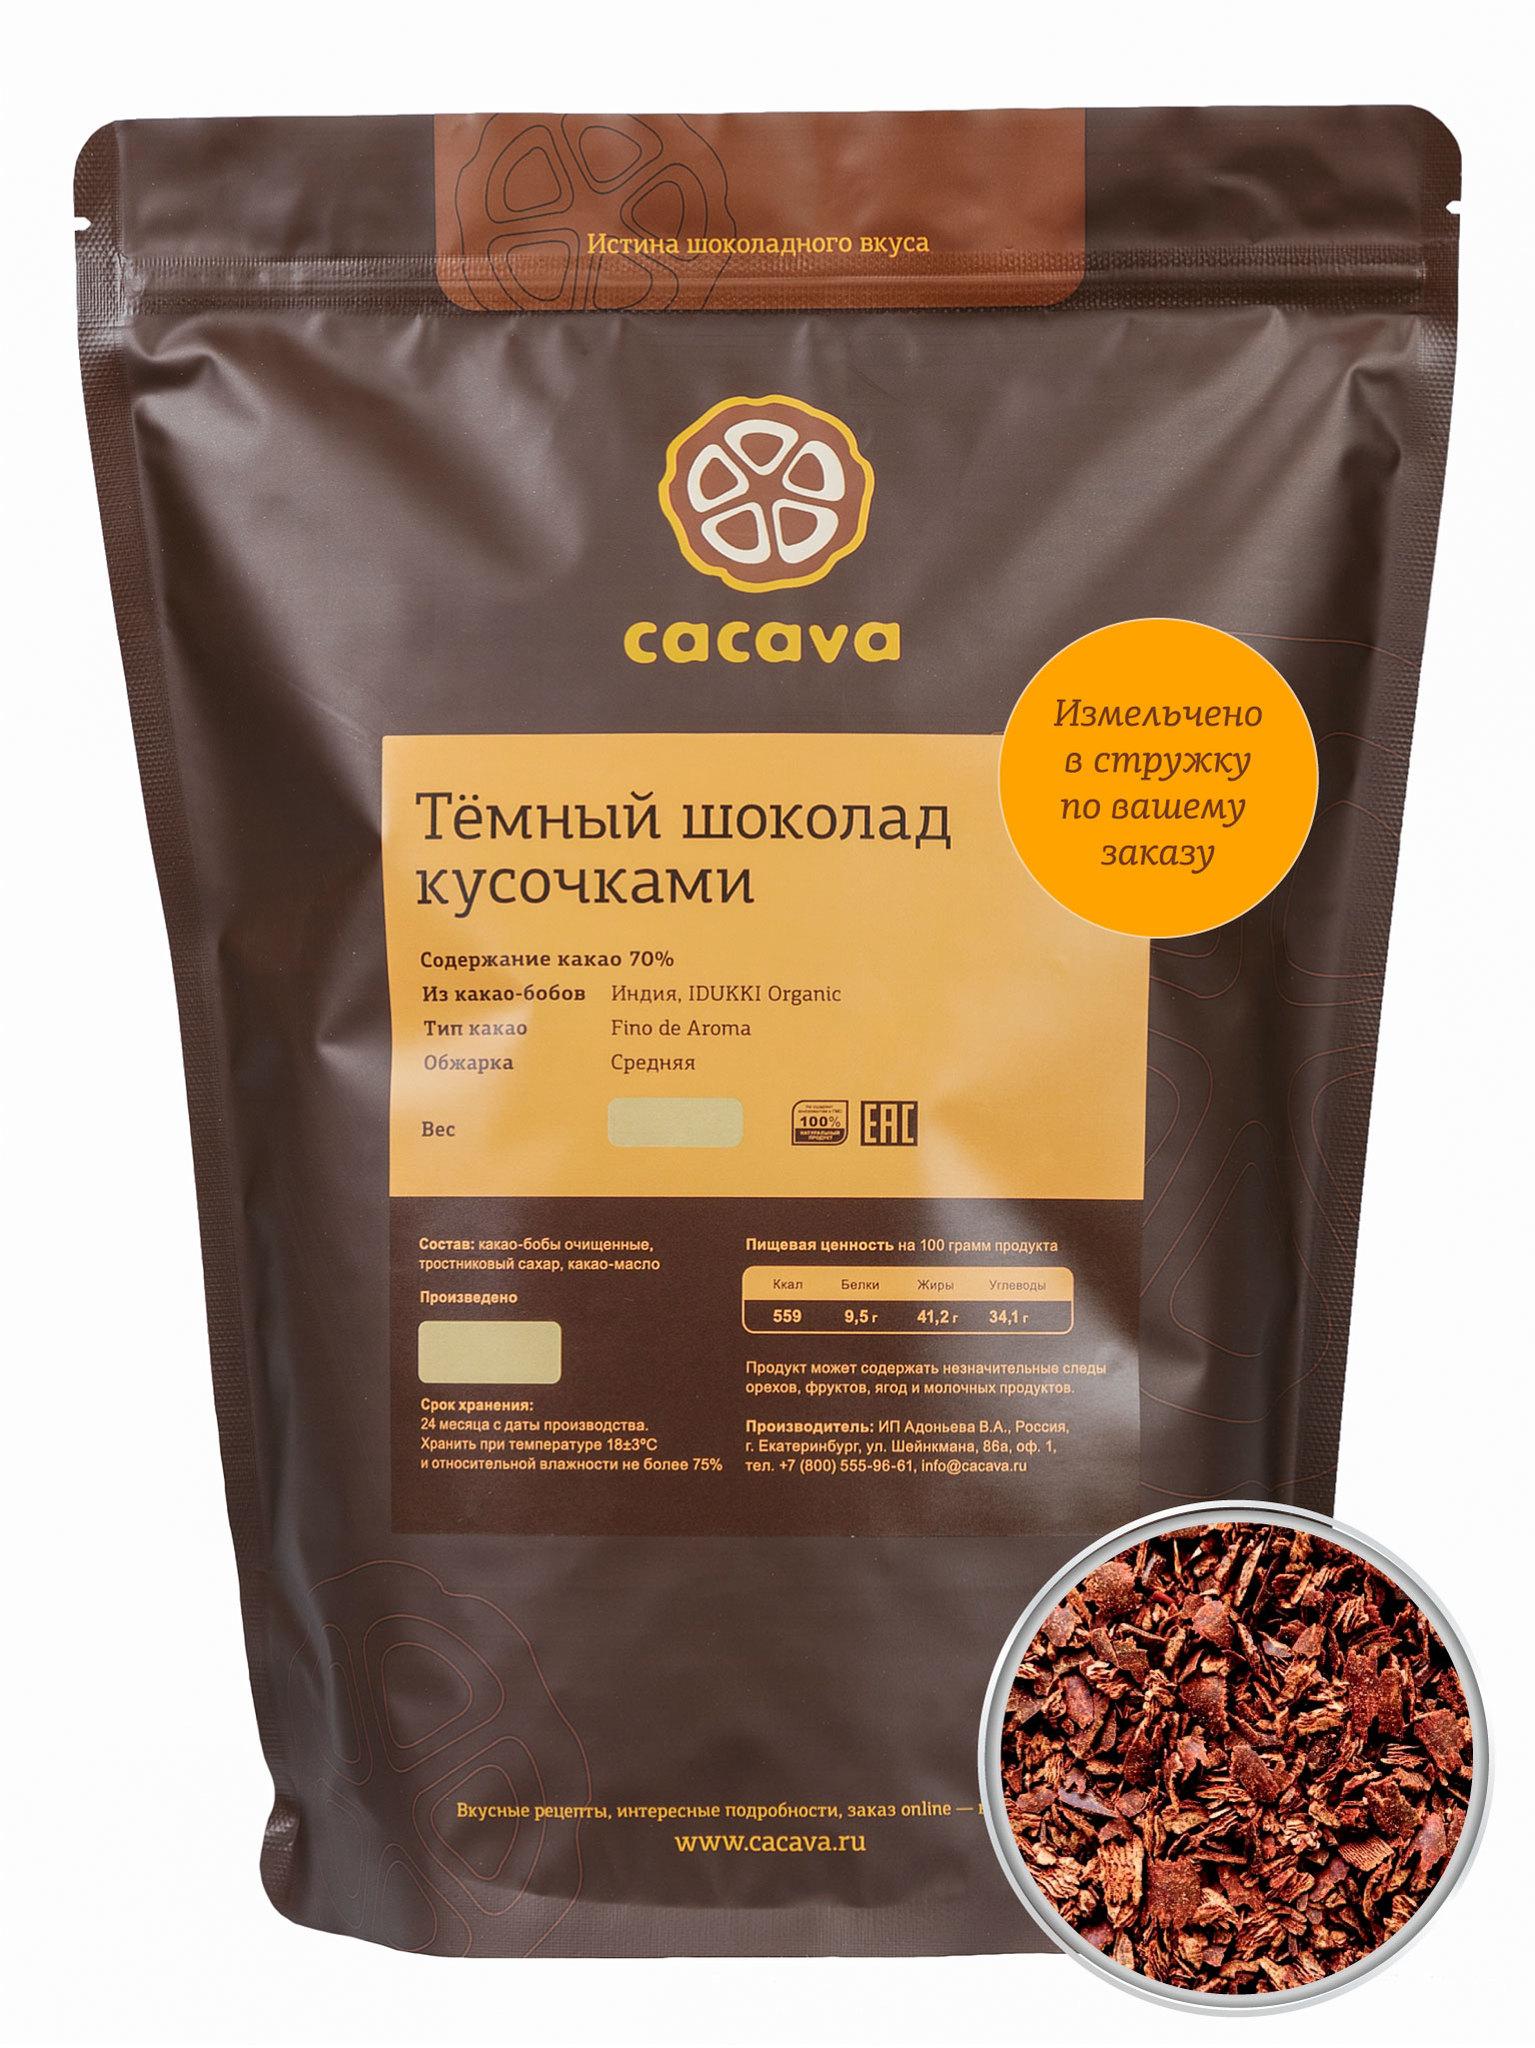 Тёмный шоколад 70 % какао в стружке (Индия, IDUKKI), упаковка 1 кг